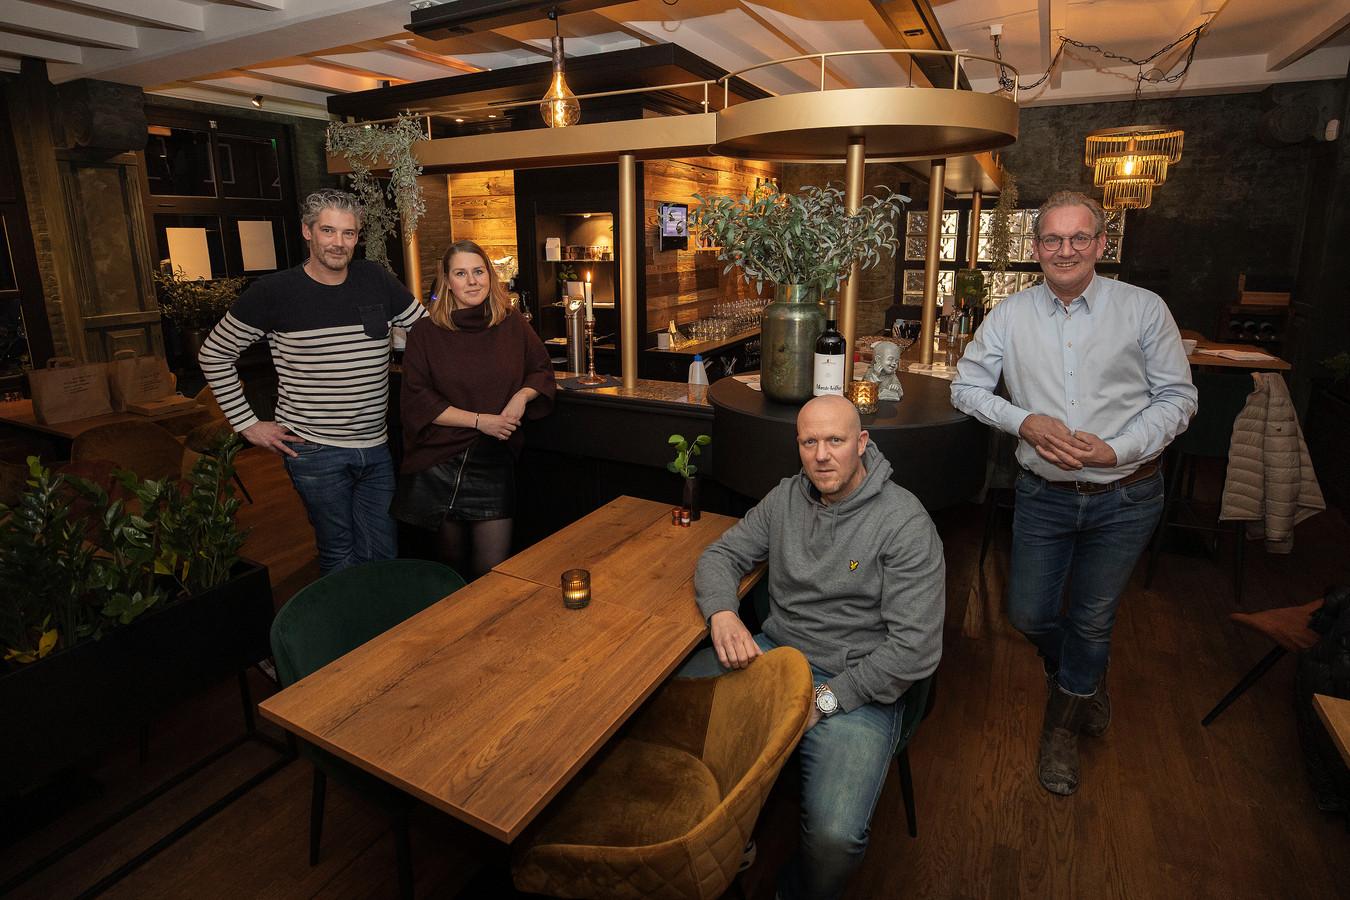 Restaurants Bravoy en Goesting zoeken steun via crowdfunding . V.l.n.r. Ralf Evers, Yvette van der Zanden, Tom Smids, Bart van de Ven.